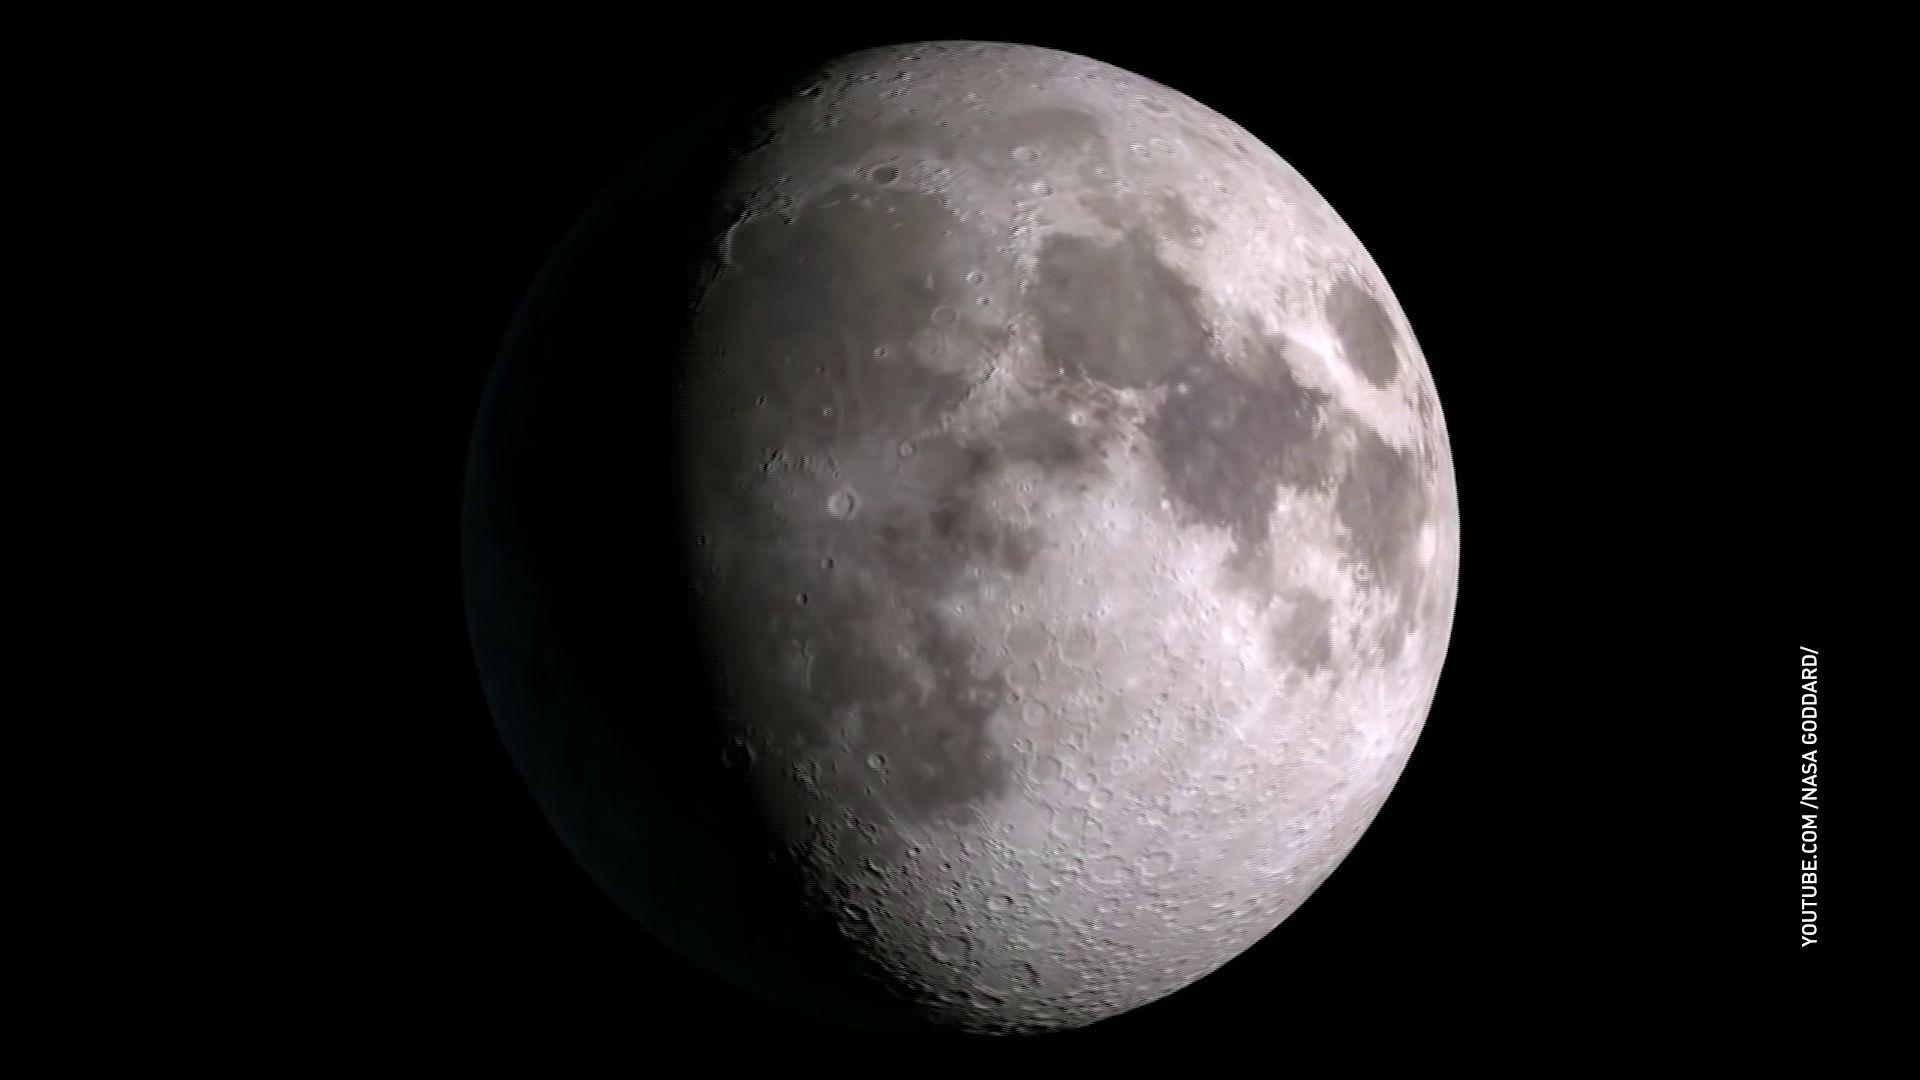 Астрологи рекомендуют подходить к полнолунию с особой ответственностью